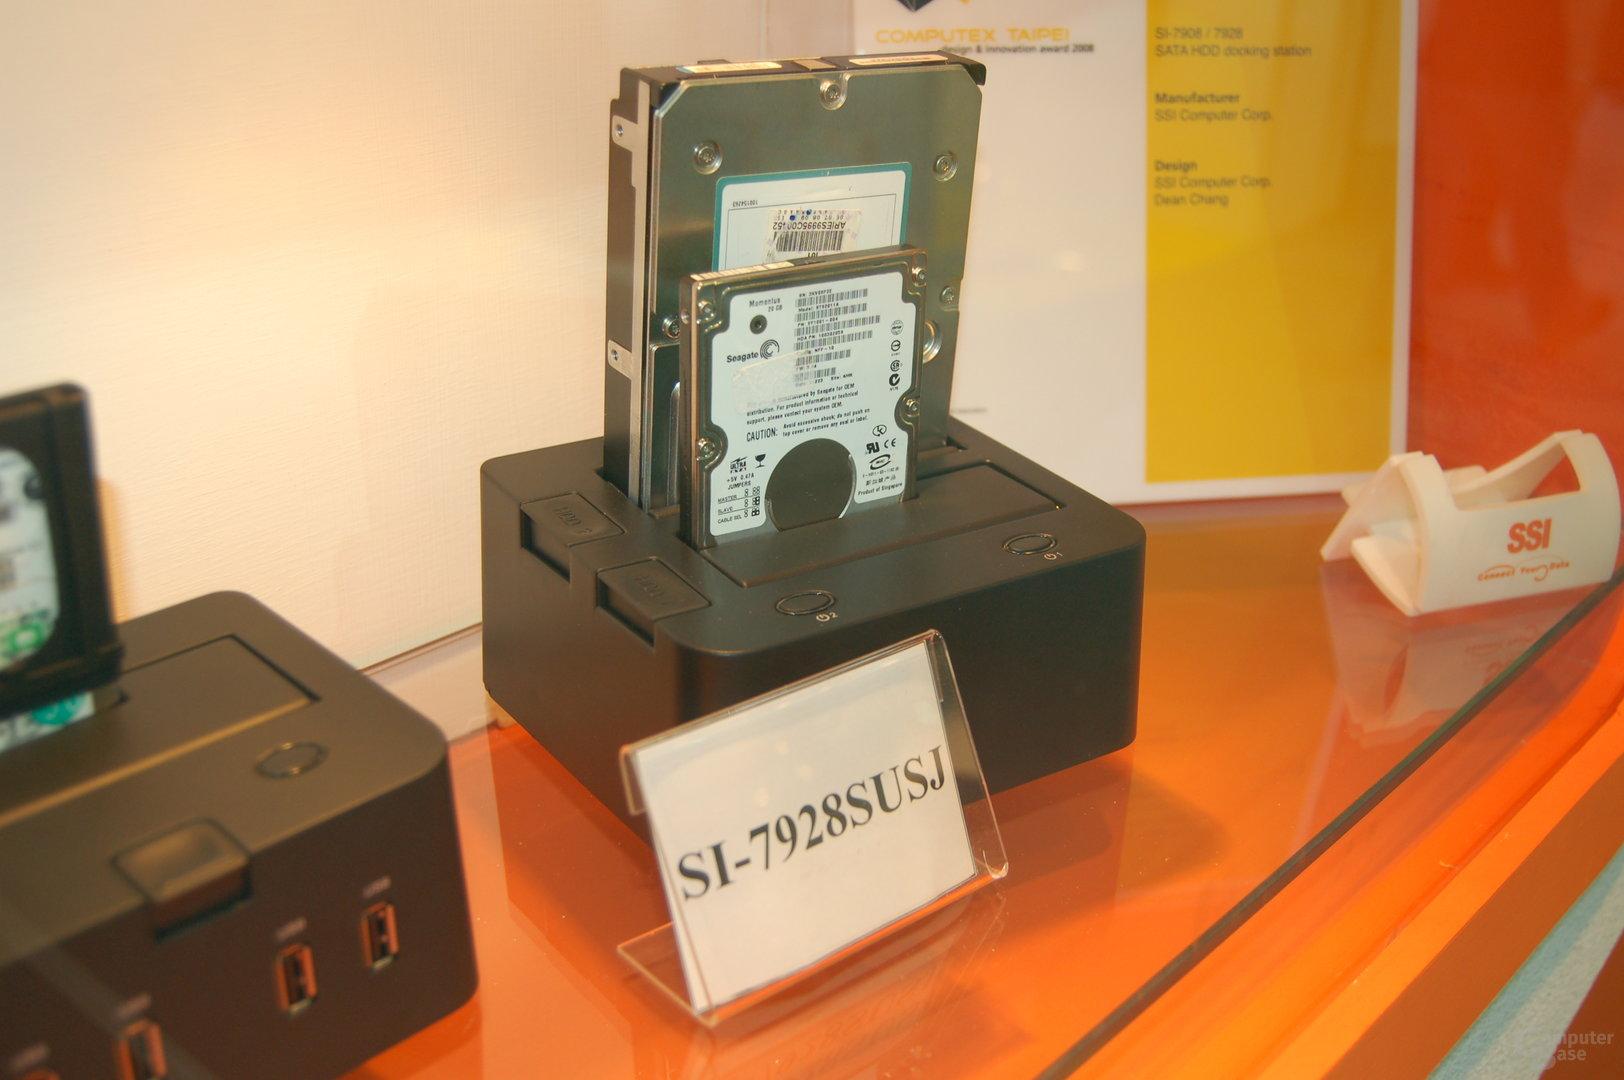 Modell für zwei Festplatten